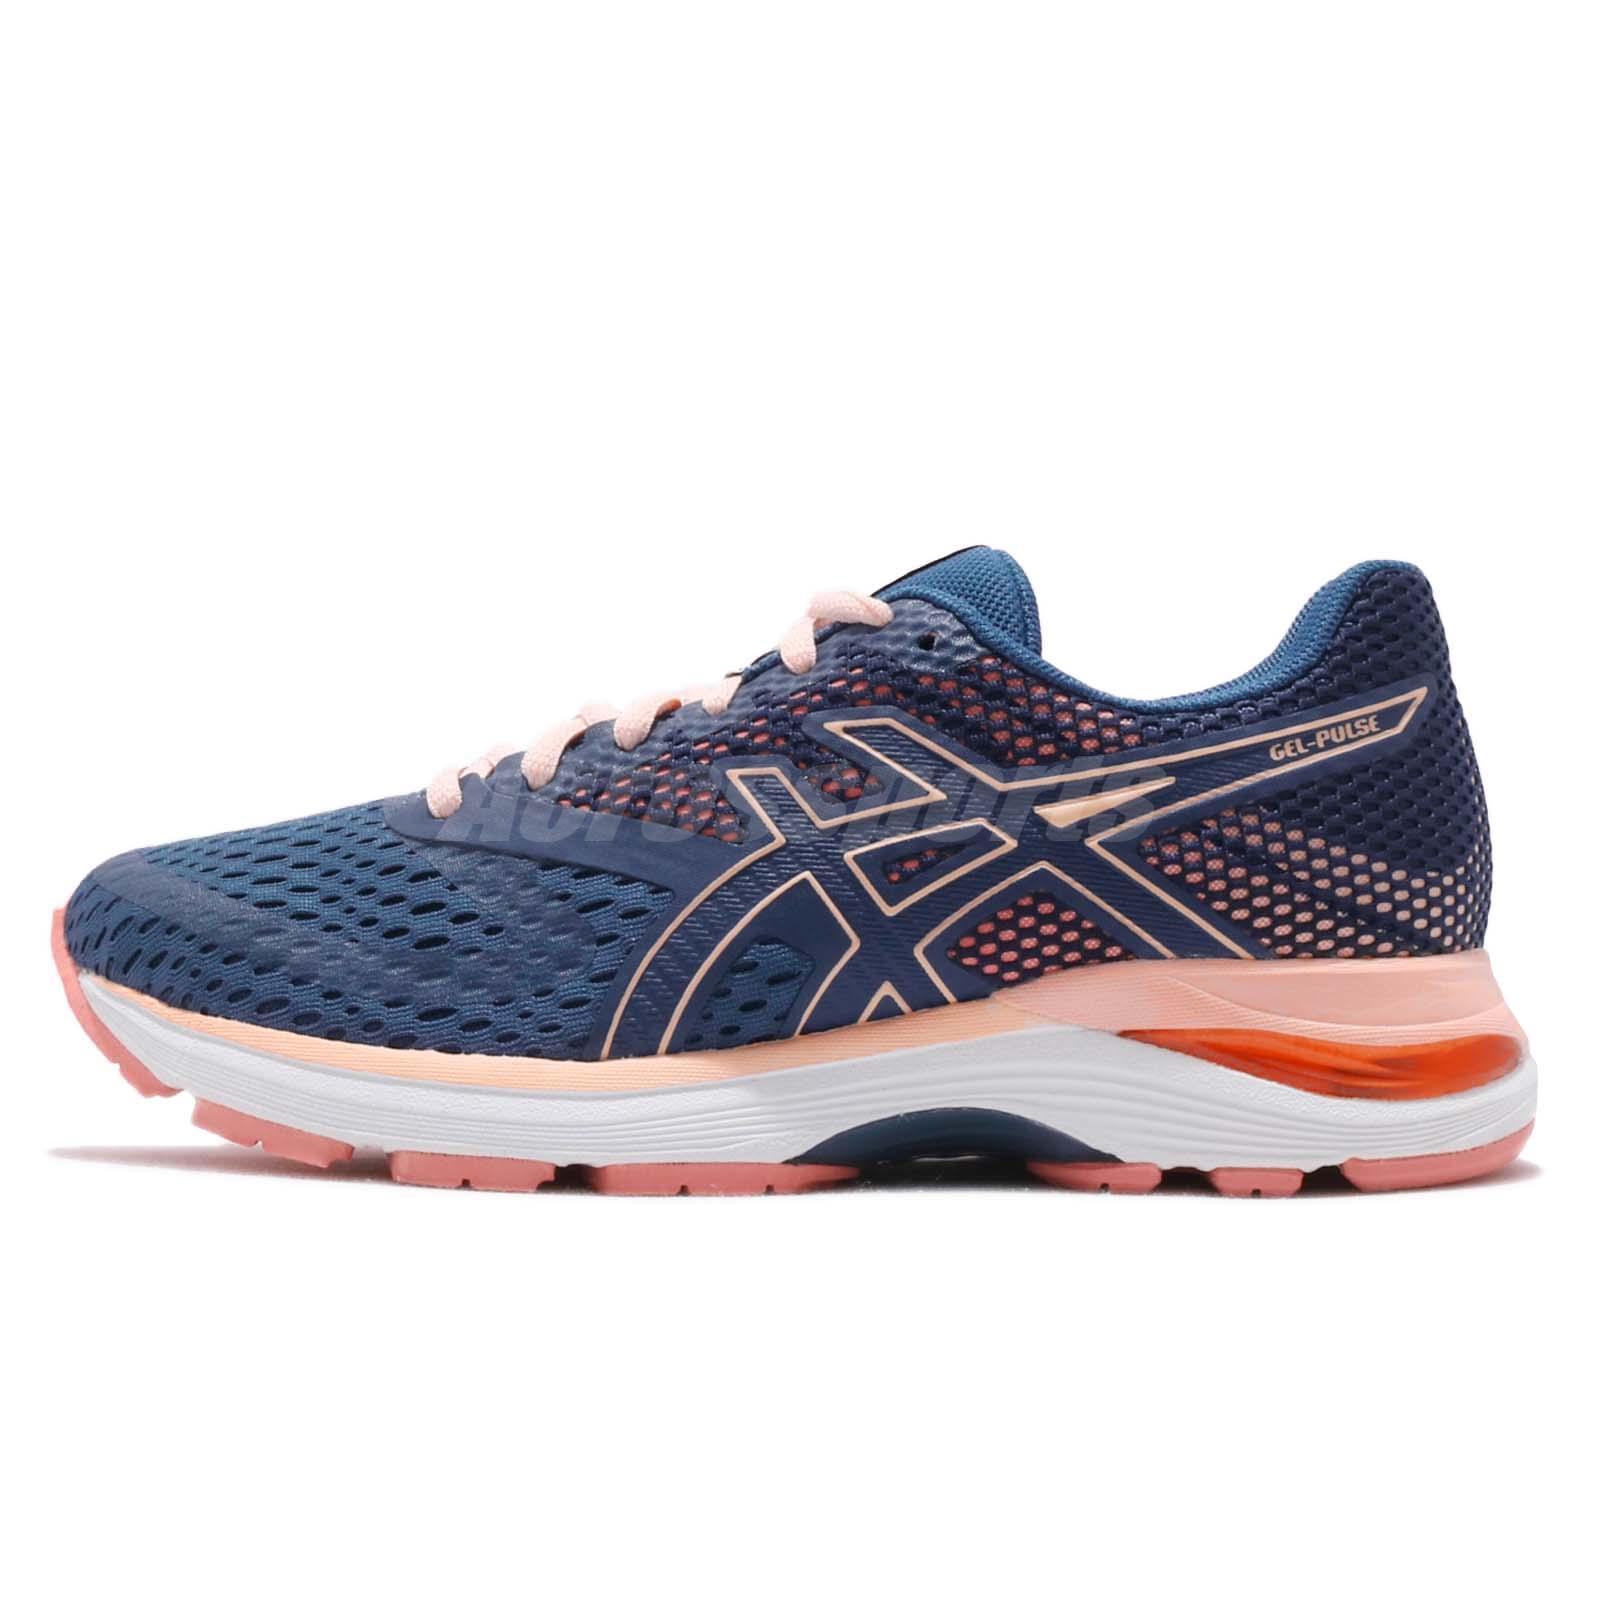 5f64e9fc6bc Asics Gel-Pulse 10 Grand Shark Baked Pink Women Running Shoes 1012A010-402